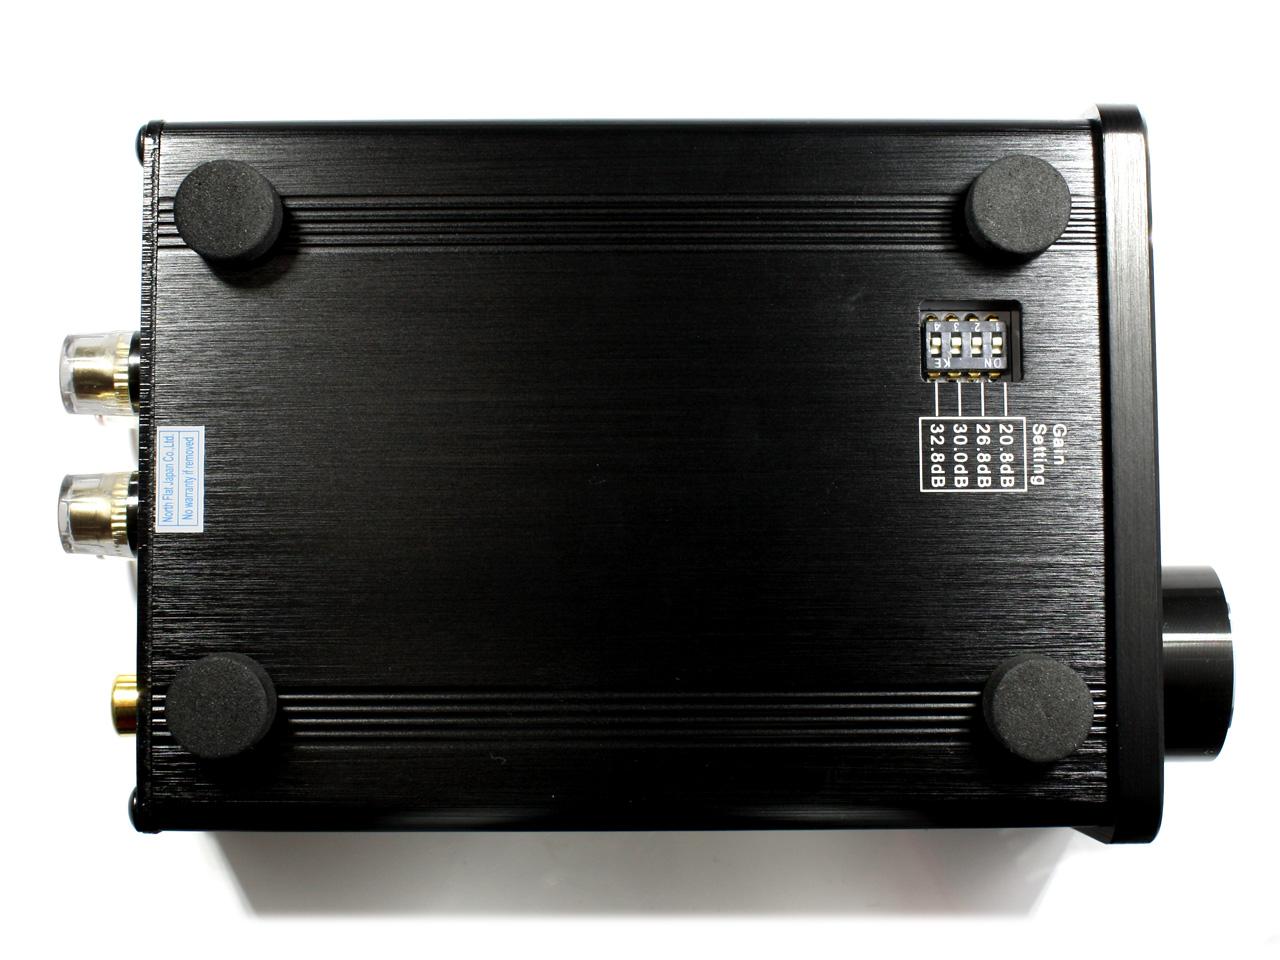 FX-AUDIO- FX-50 第2ロット[ブラック] TDA7492EデジタルアンプIC搭載 50WX2ch パワーアンプ